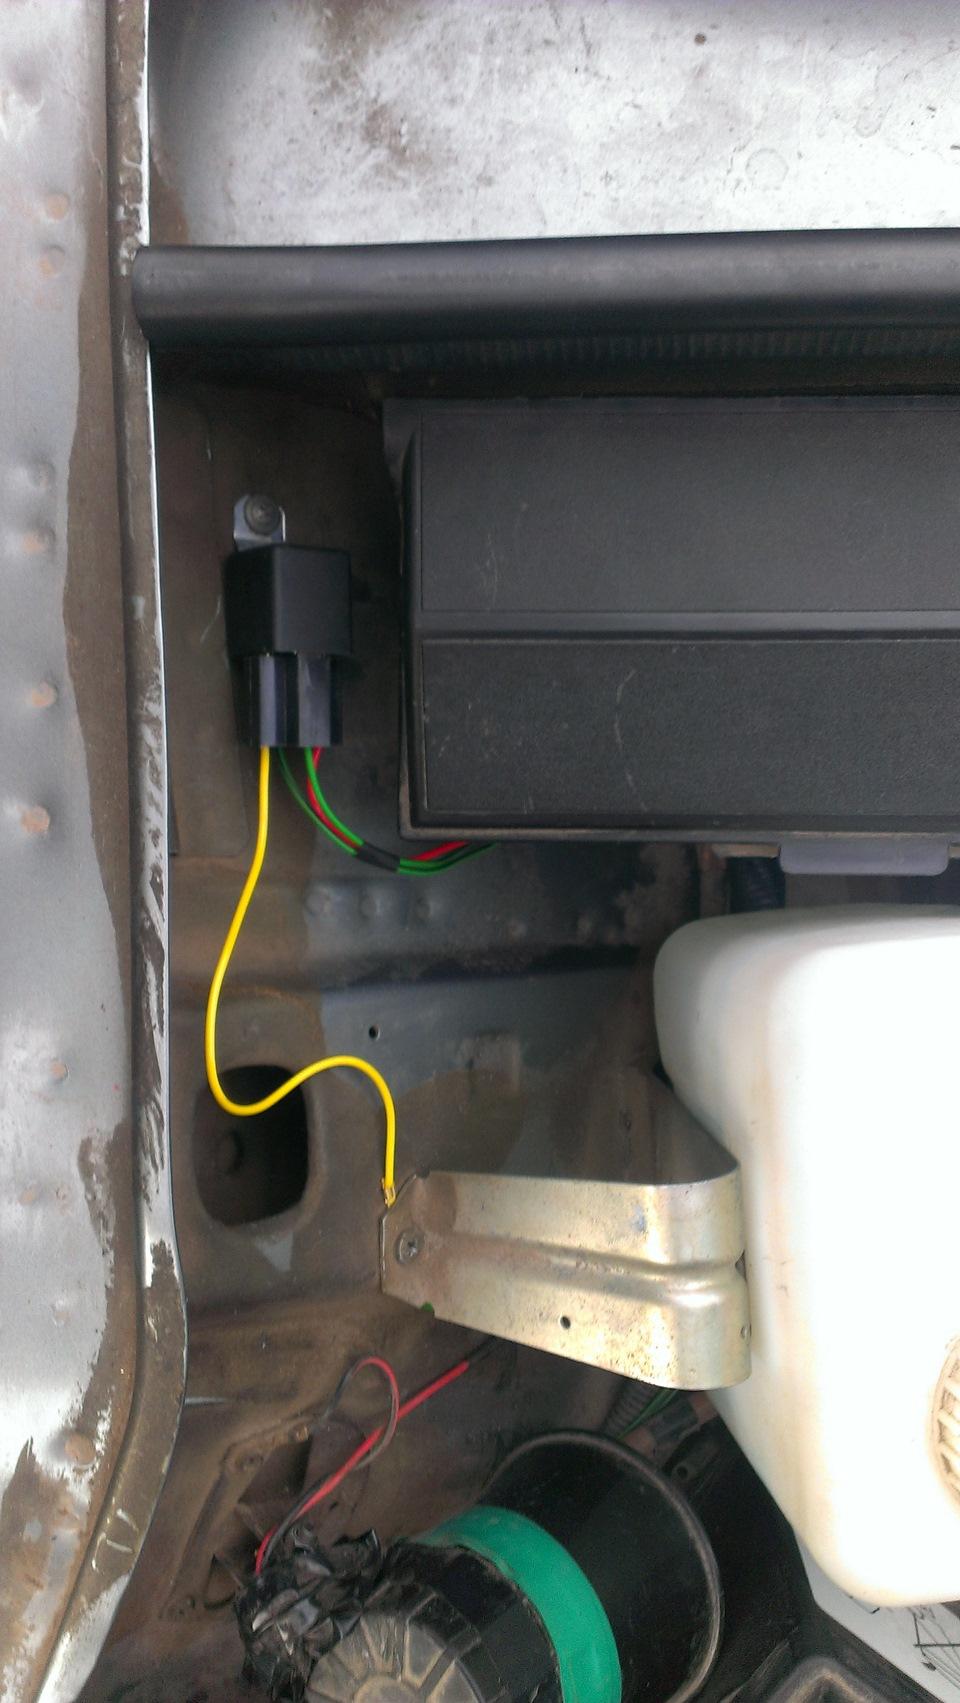 75c41dcs 960 - Комплект для подключения противотуманных фар ваз 2107